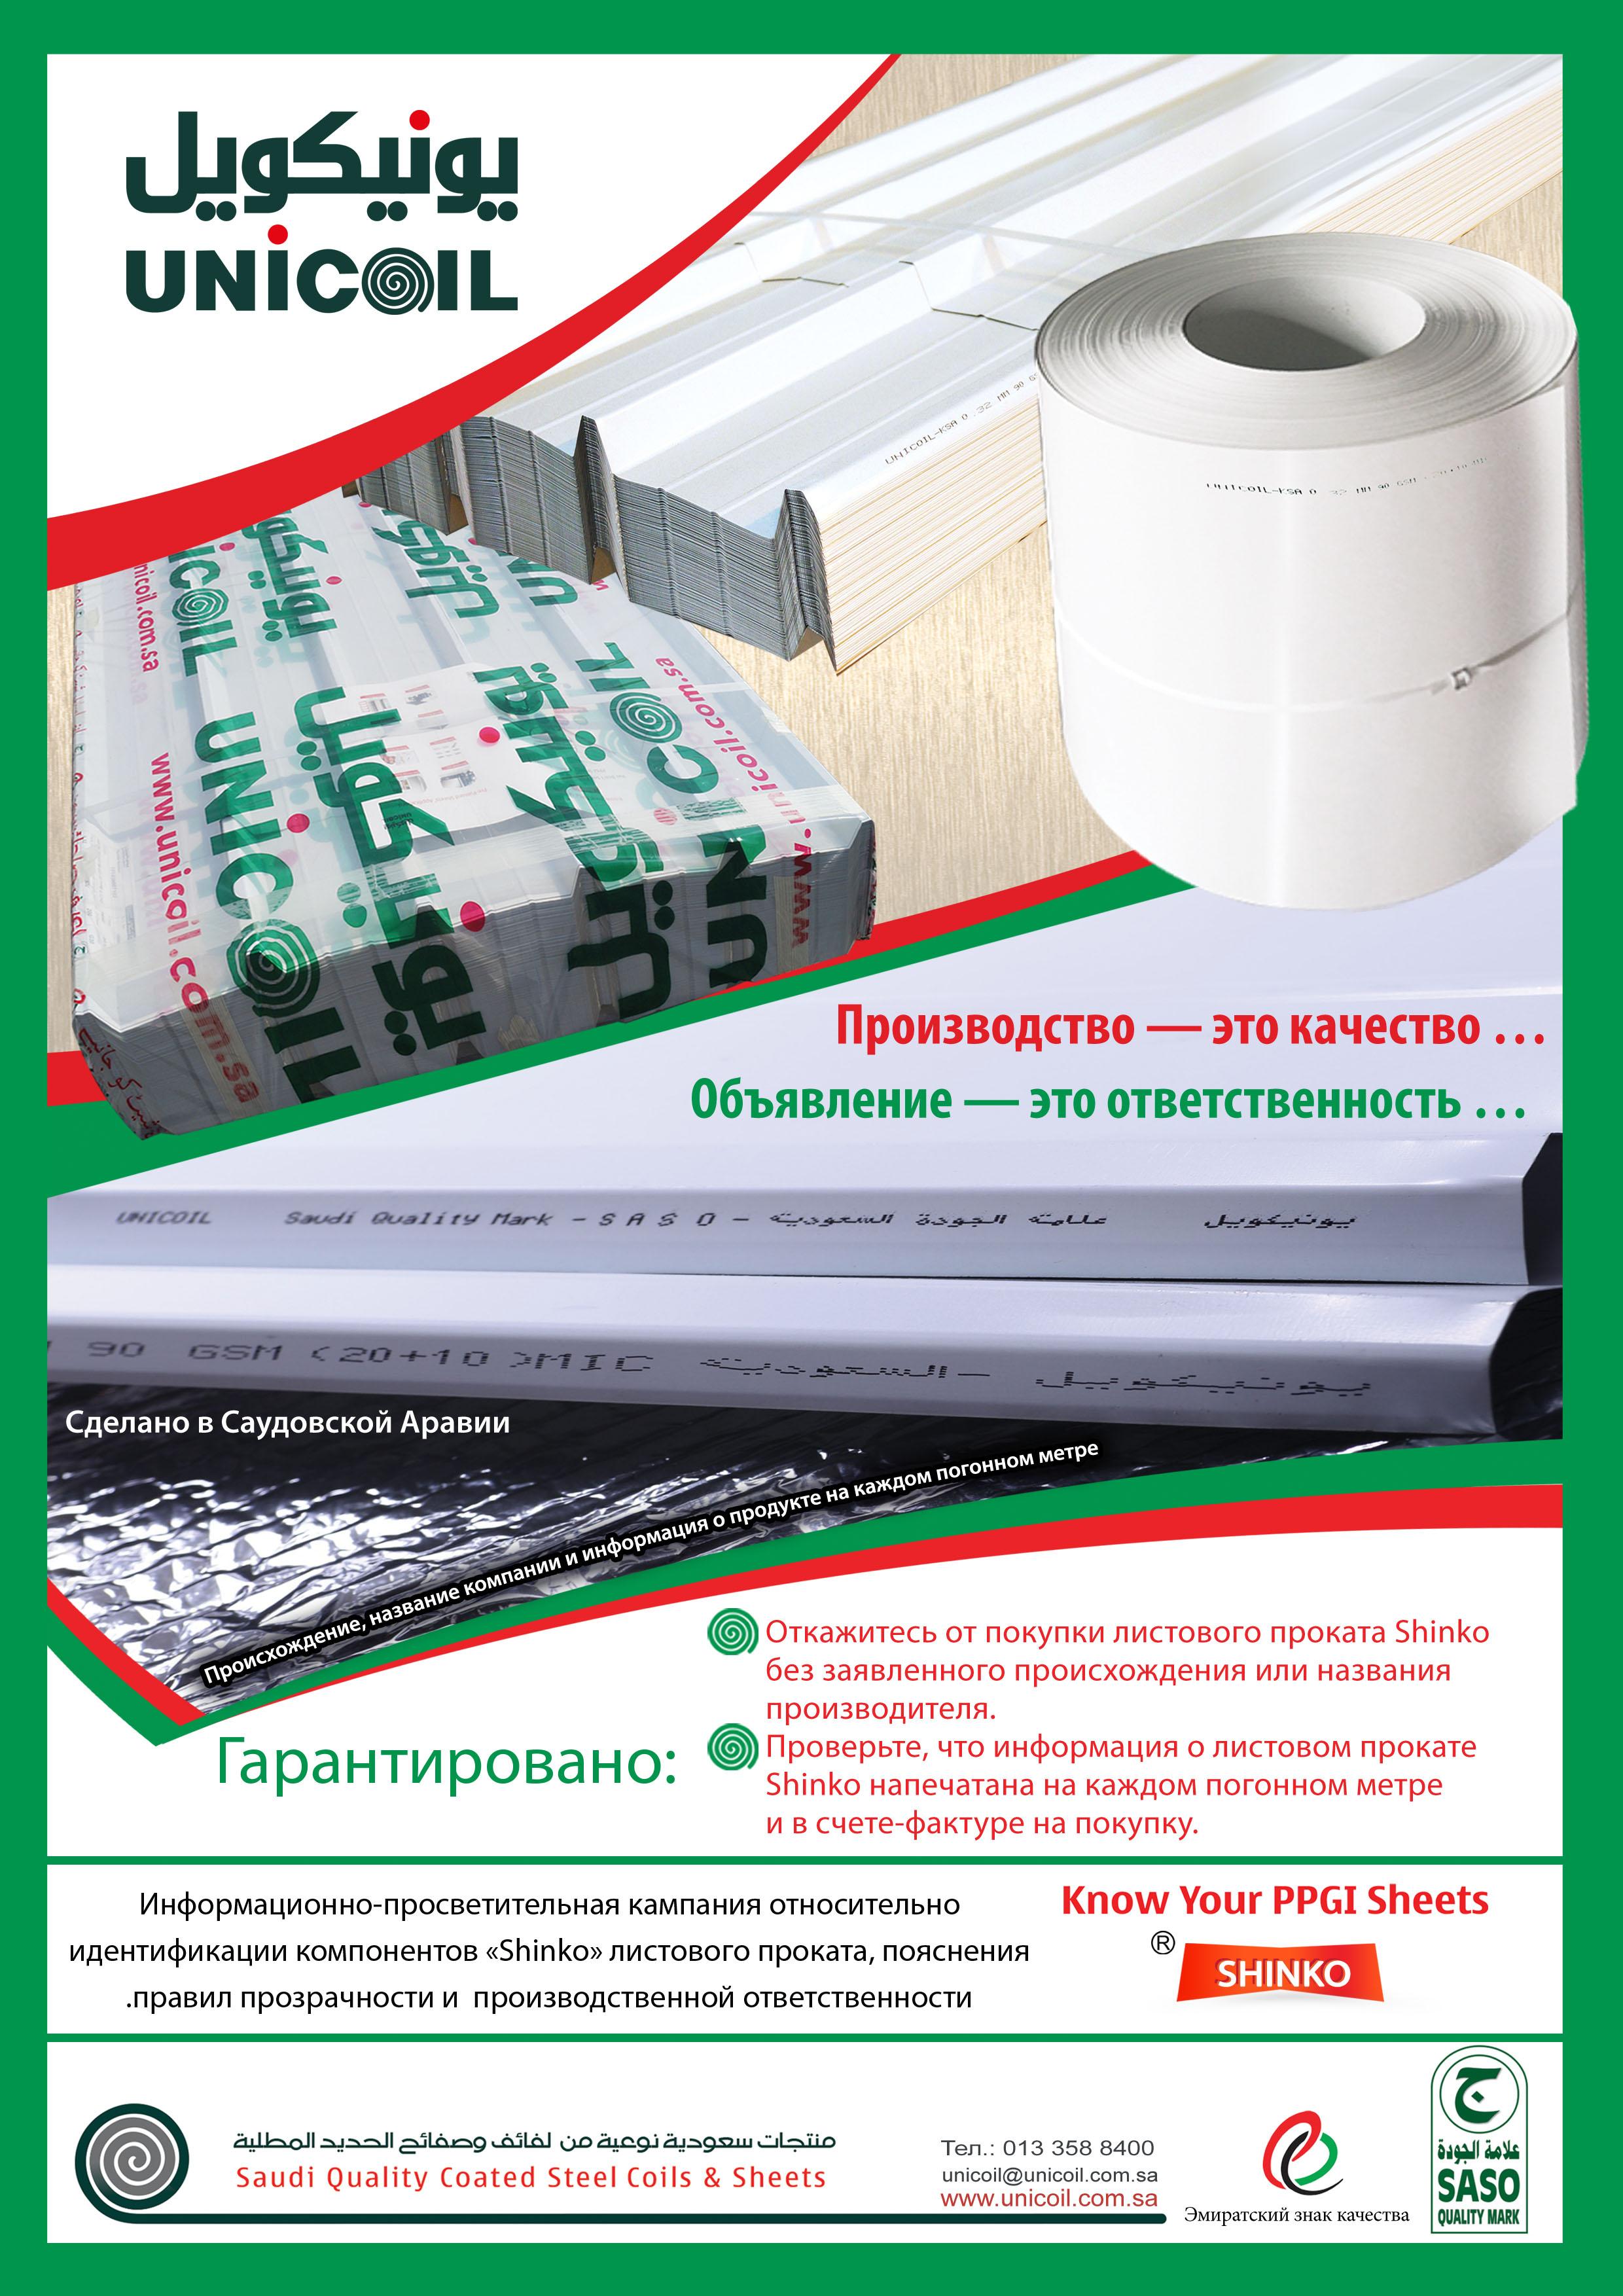 UNICOIL Product Components Declaration